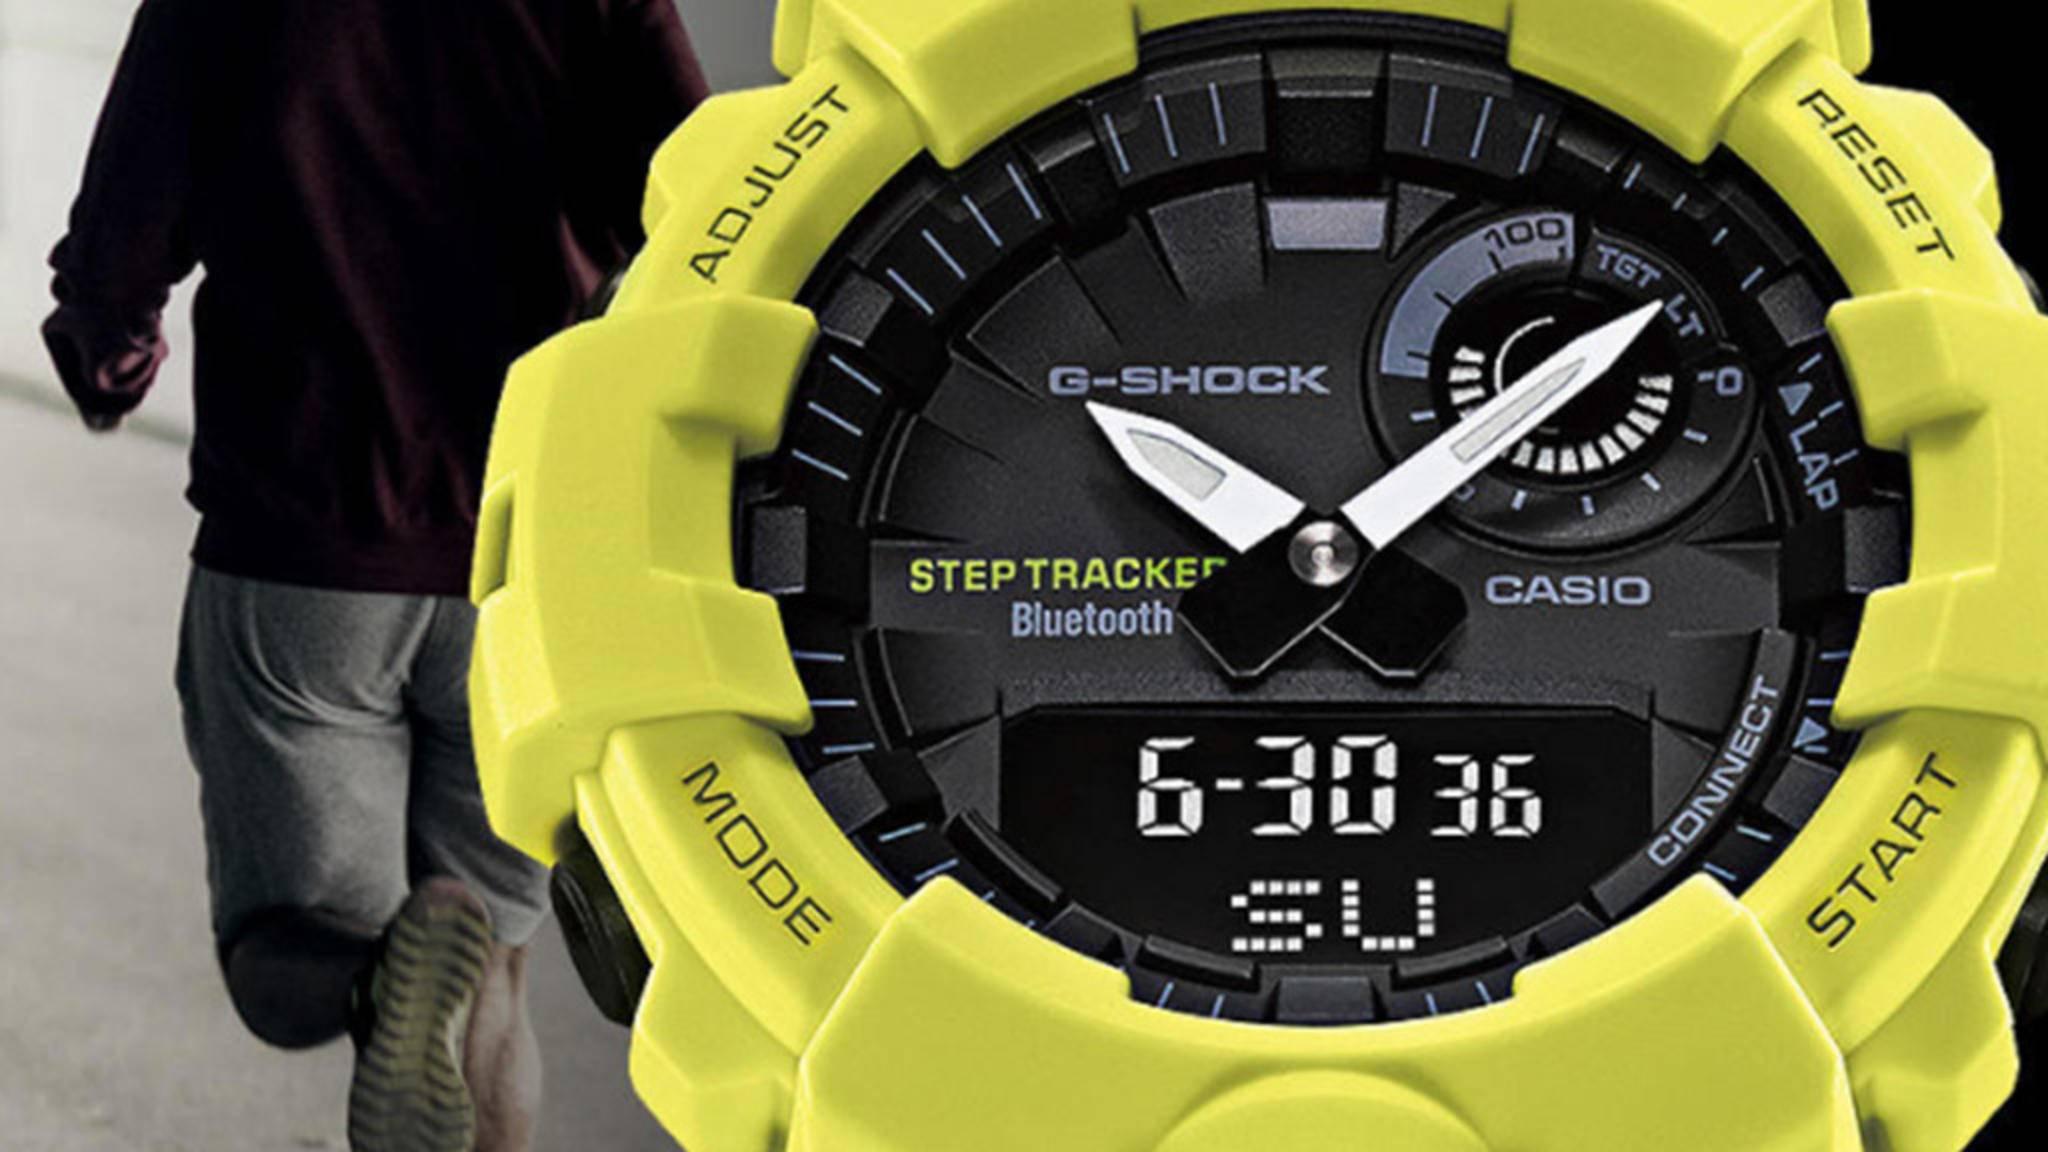 Die GBA-800 trackt sowohl die Schrittzahl als auch das Lauftempo.